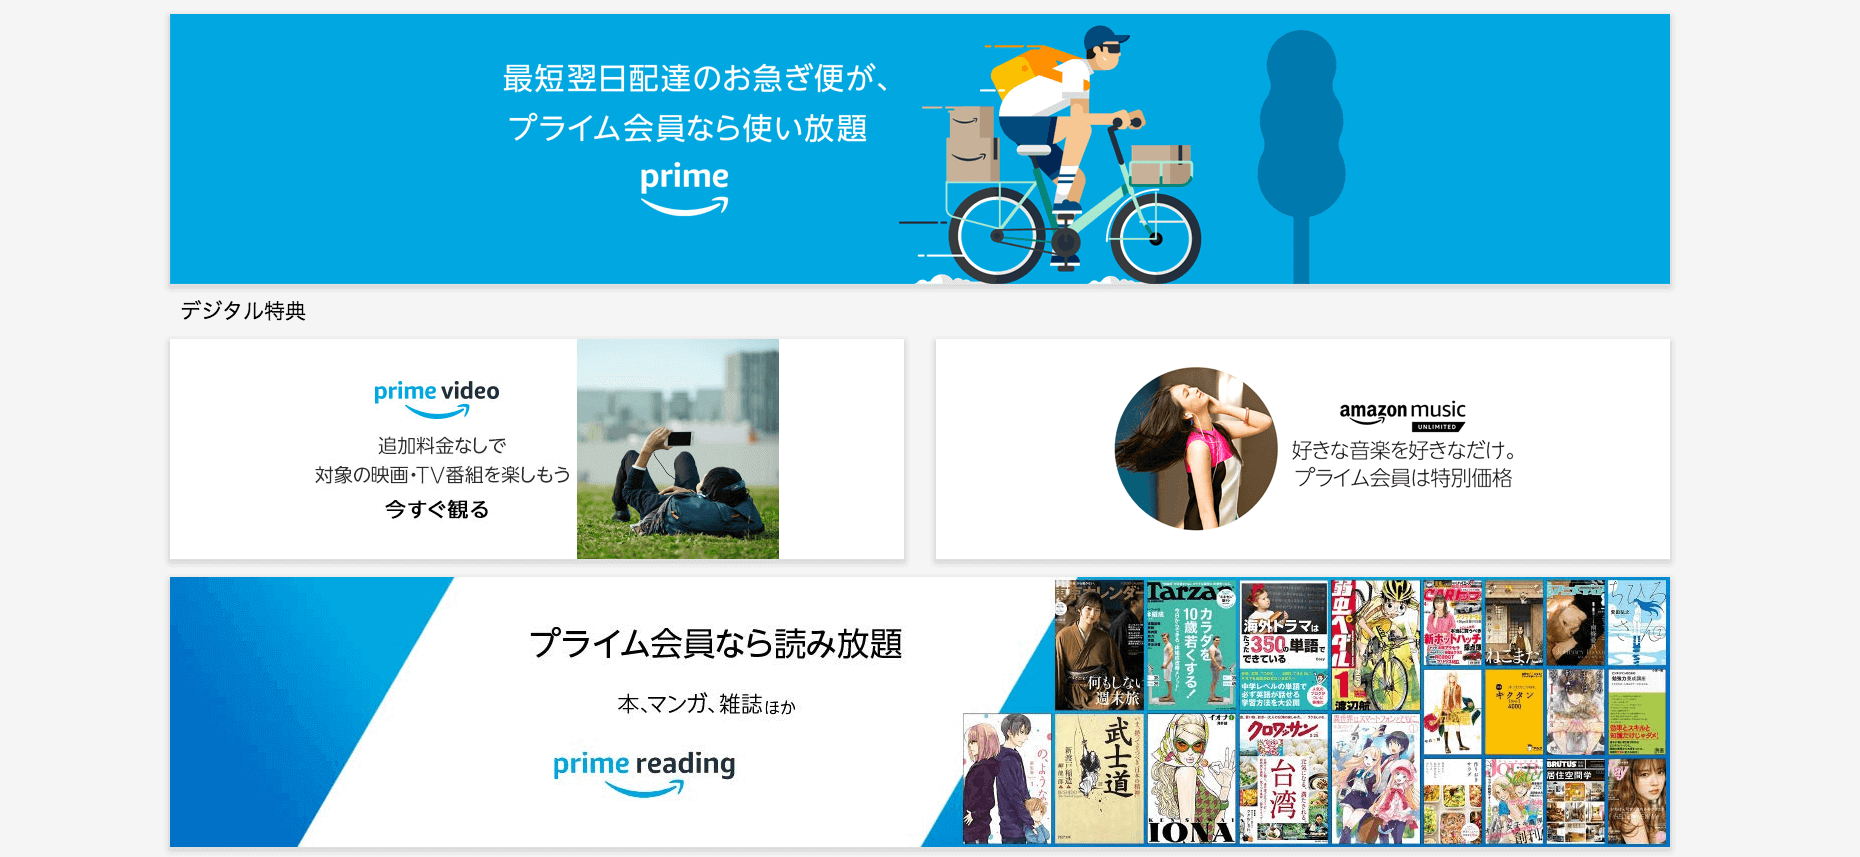 amazon-primevideo-family-2